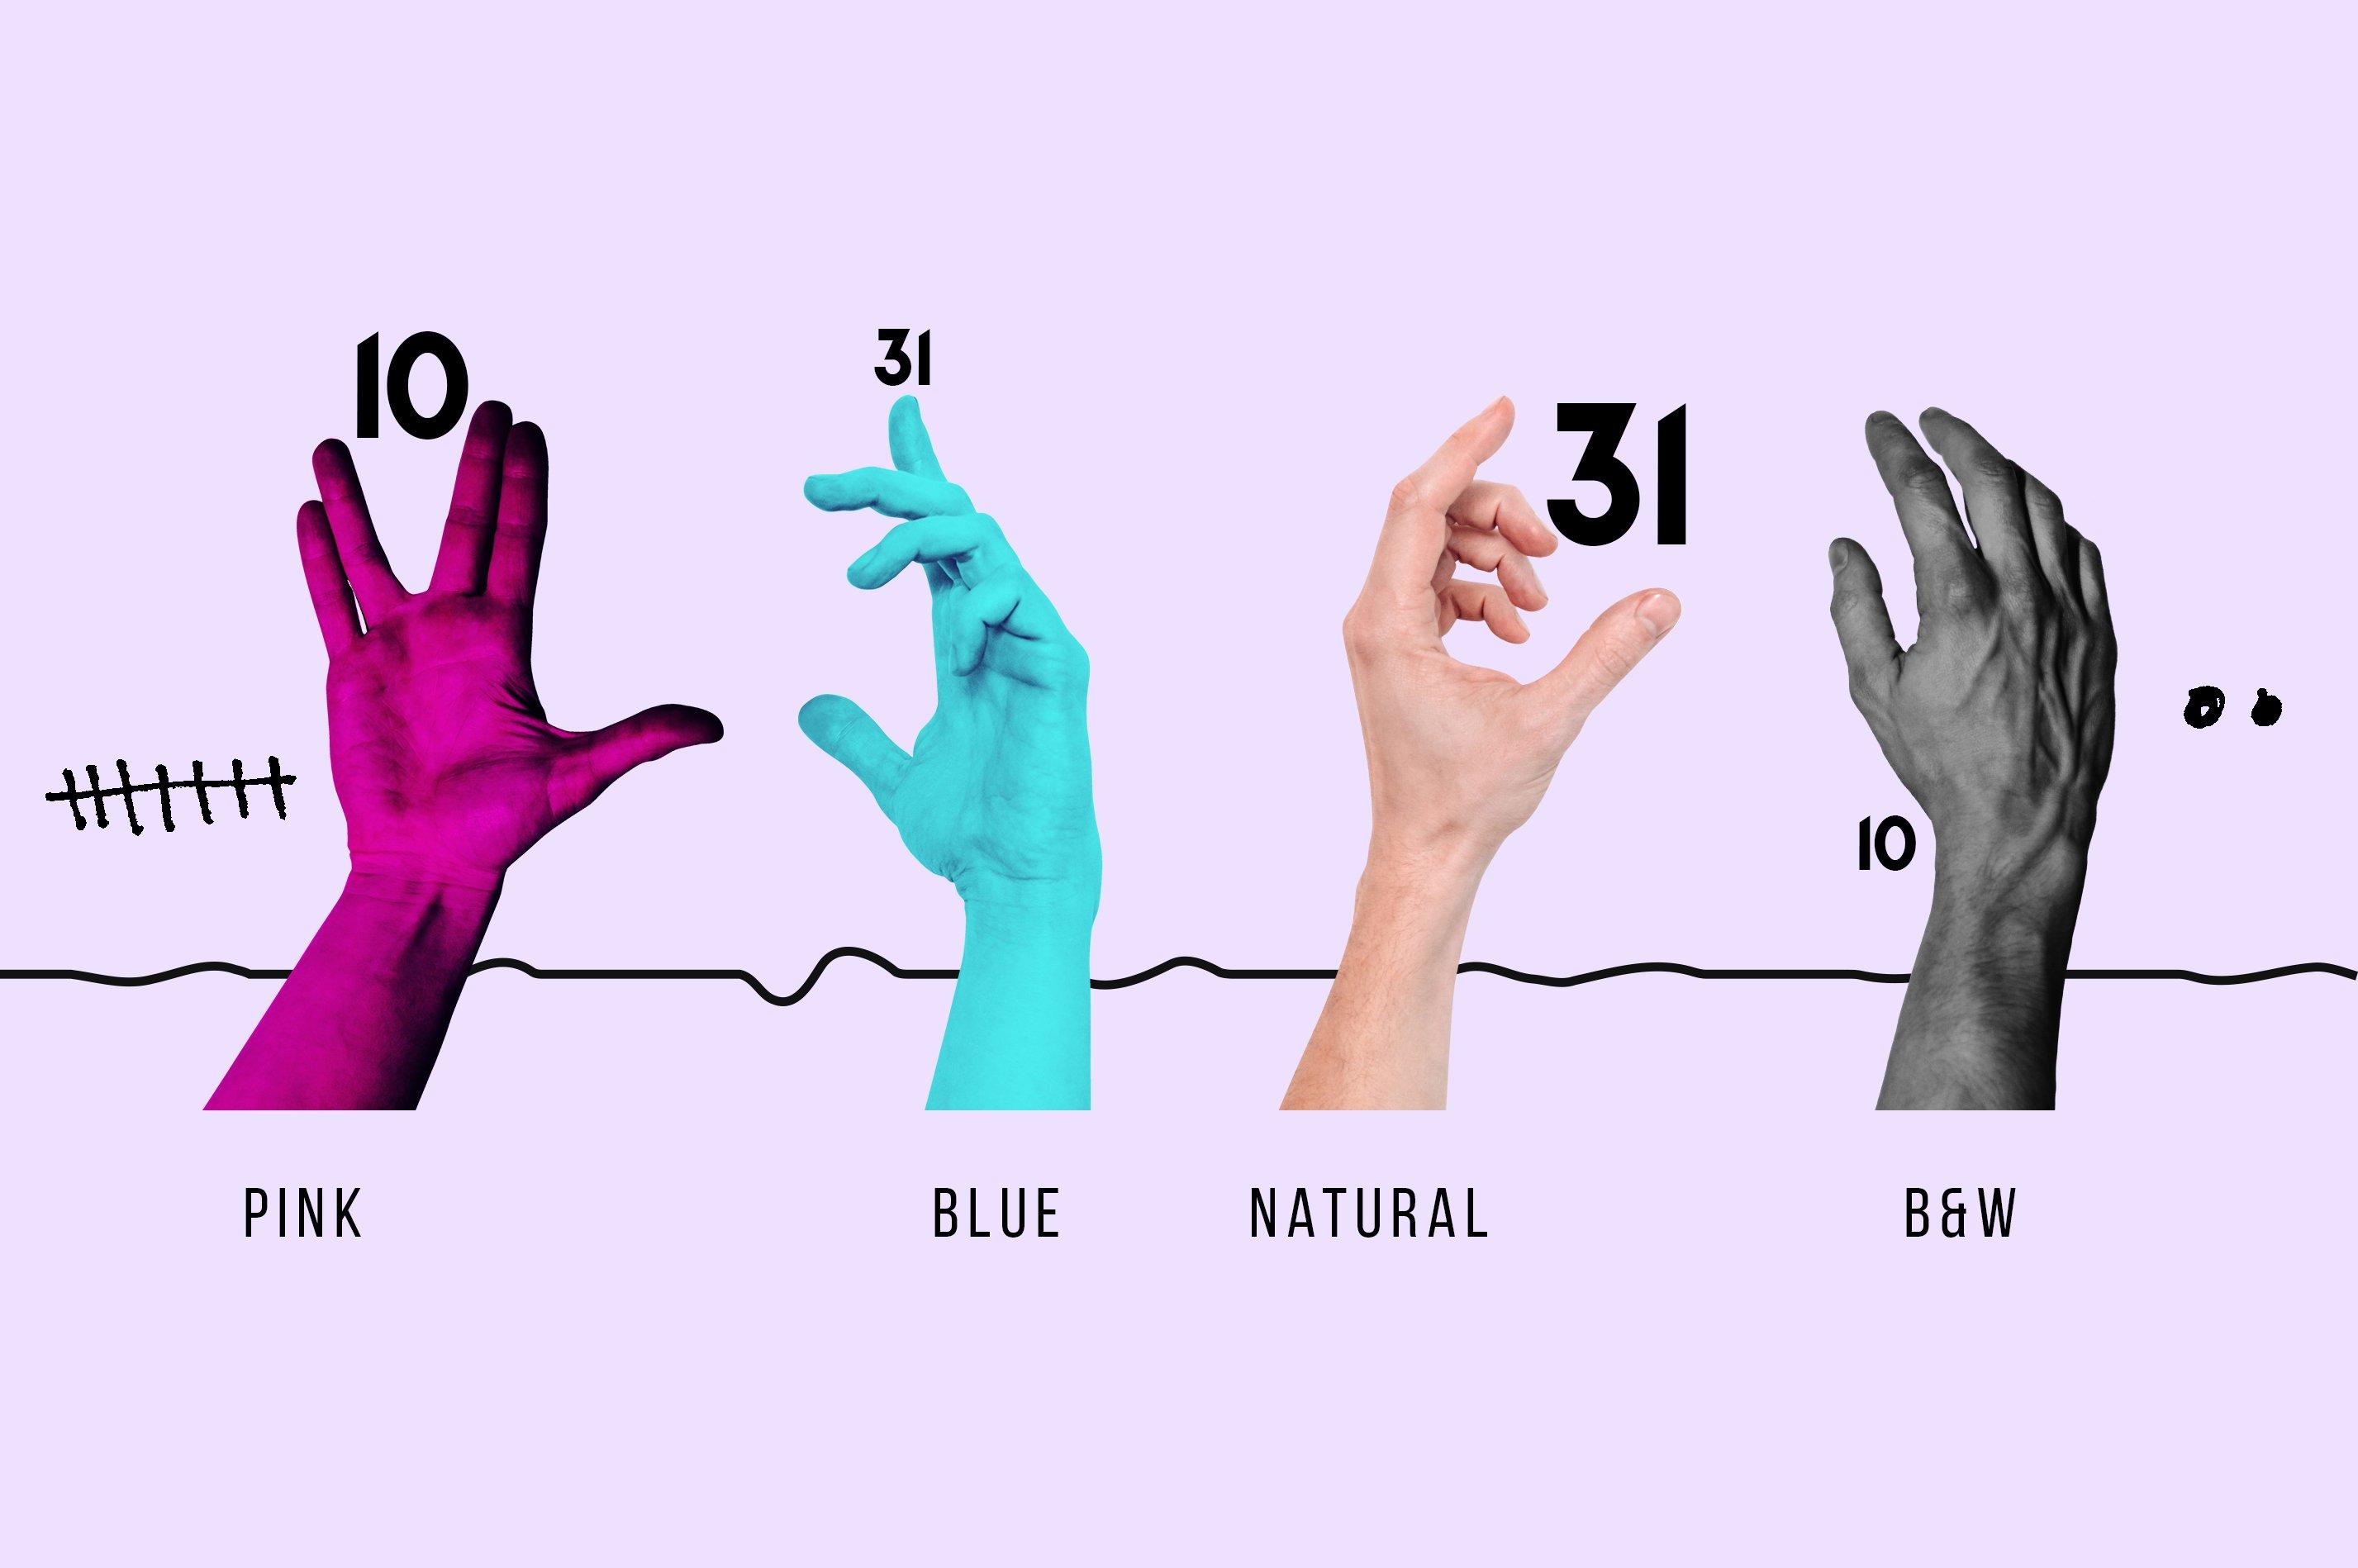 [淘宝购买] 抽象手绘矢量图形手势图片平面海报设计素材集合 Abstract Hands Pattern插图(2)